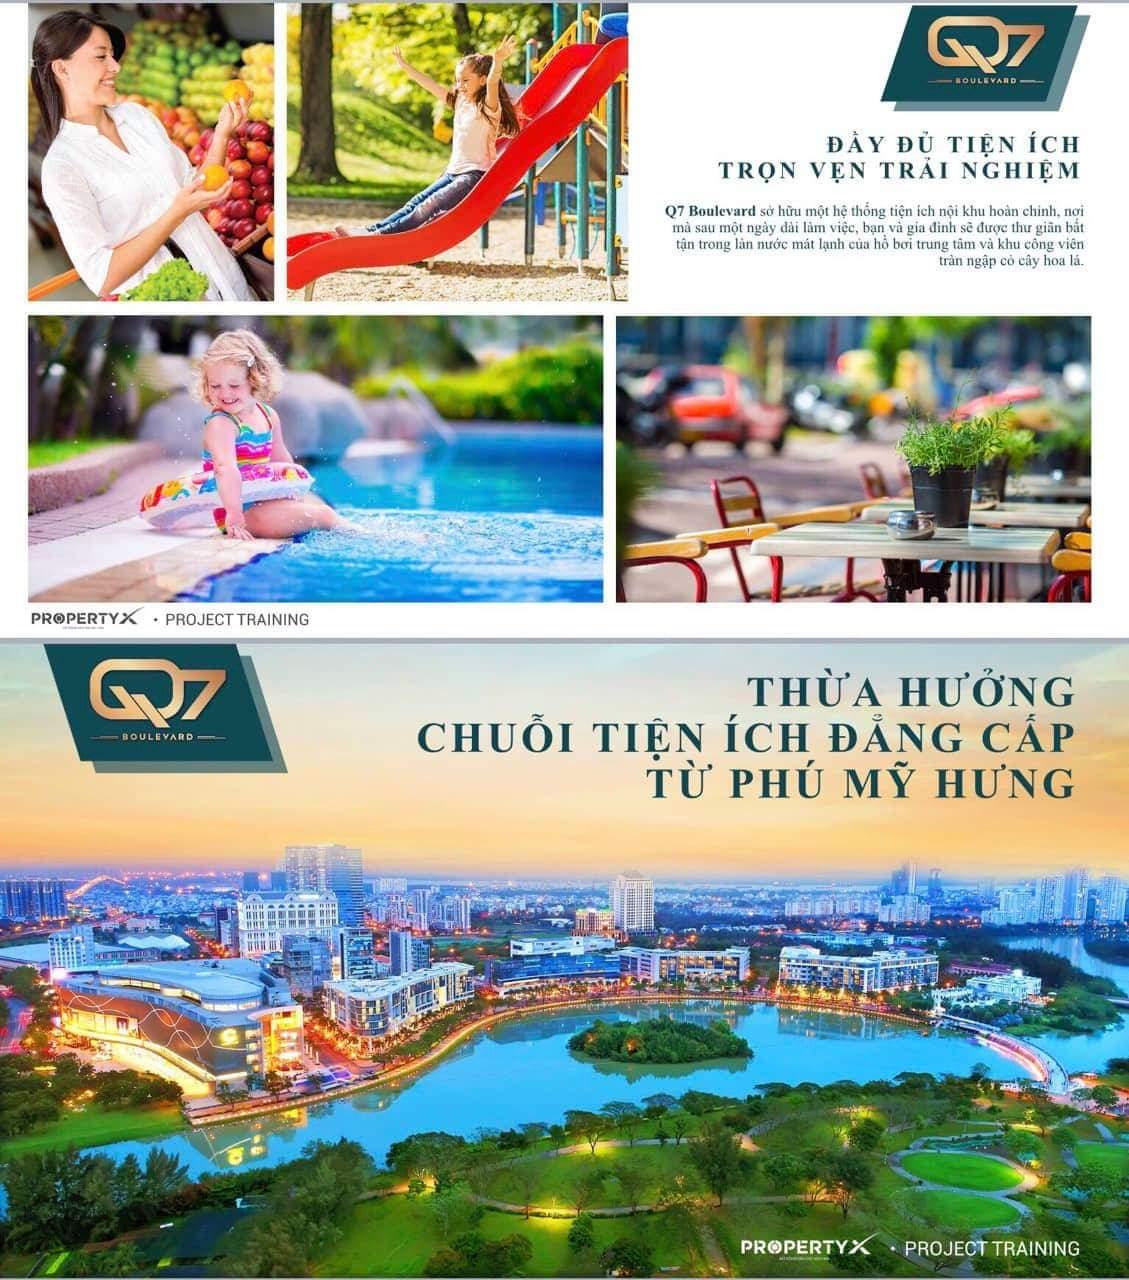 1 Q7 Boulevard - Saigon Urban Living-Chính thức nhận đặt chỗ: 50tr/căn hộ